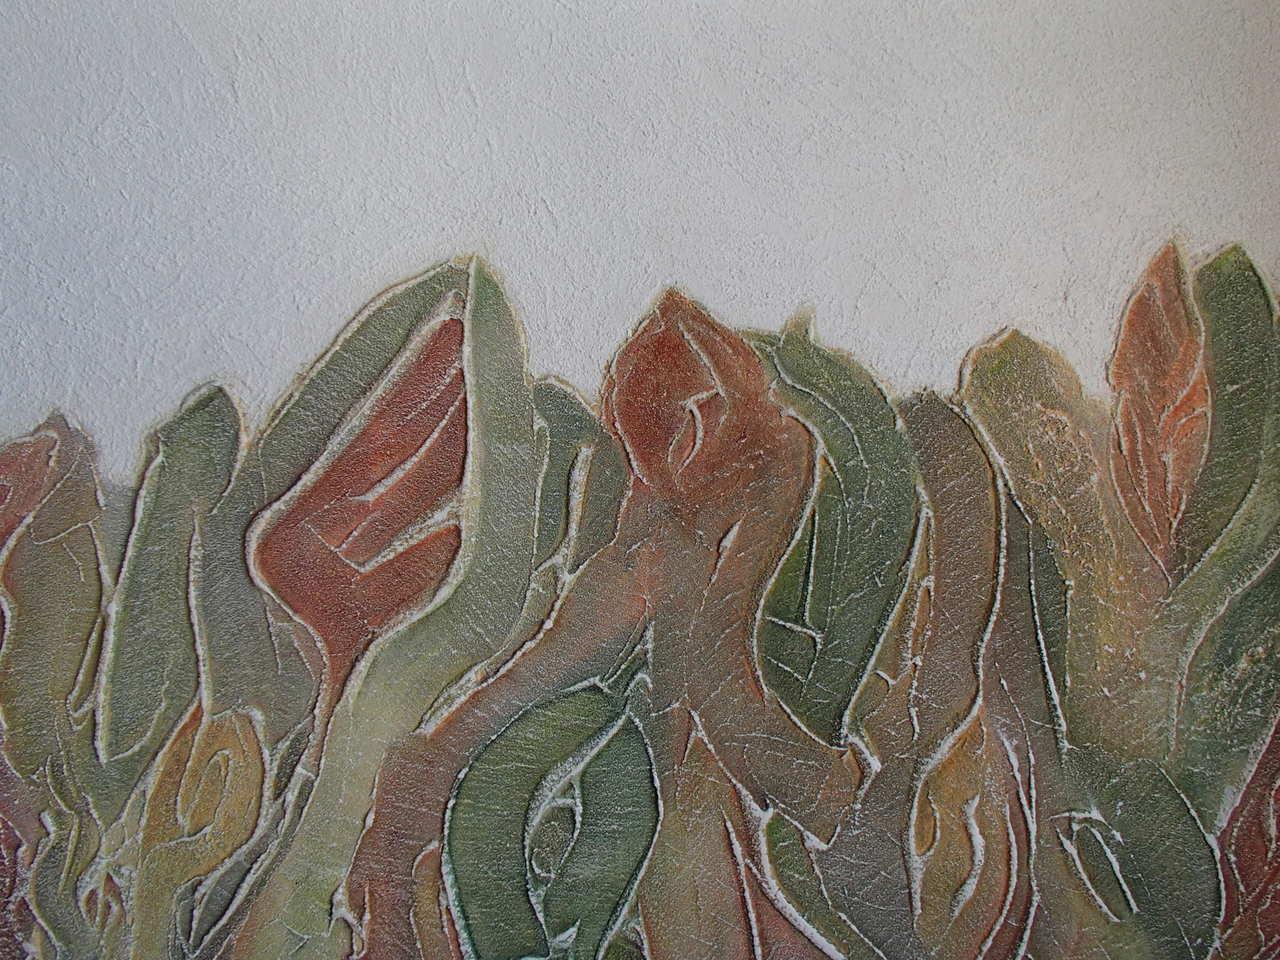 Ryszarda Łucja Jagielska ŁĄKI  ROZTAŃCZONE  WIATREM detal akryl 100x70